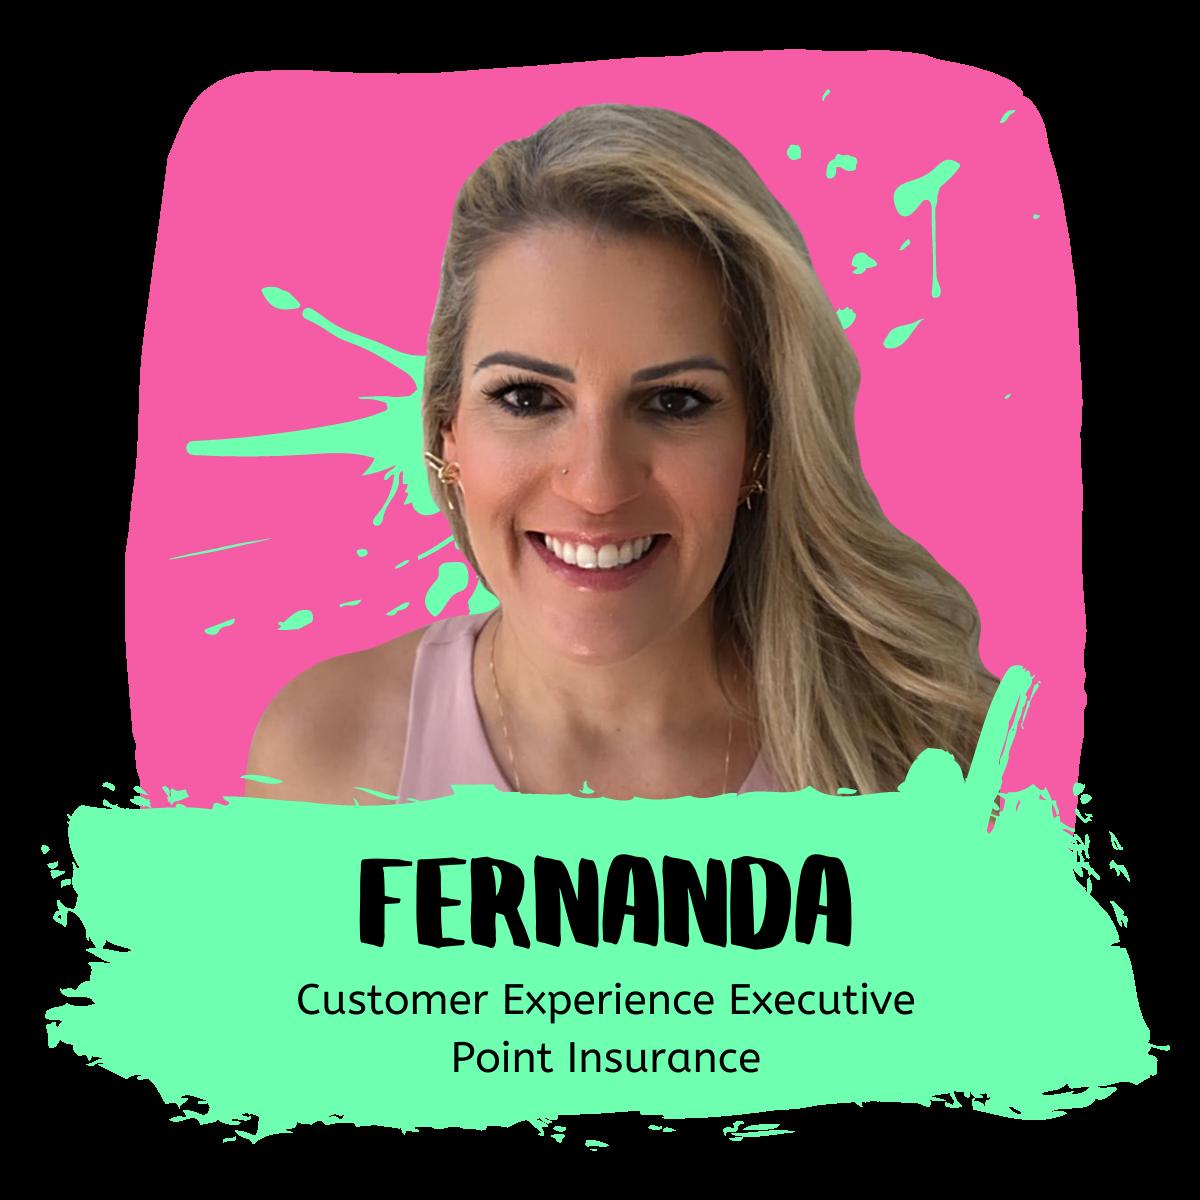 Customer-Love-Fernanda-Point-Insurance-Tile